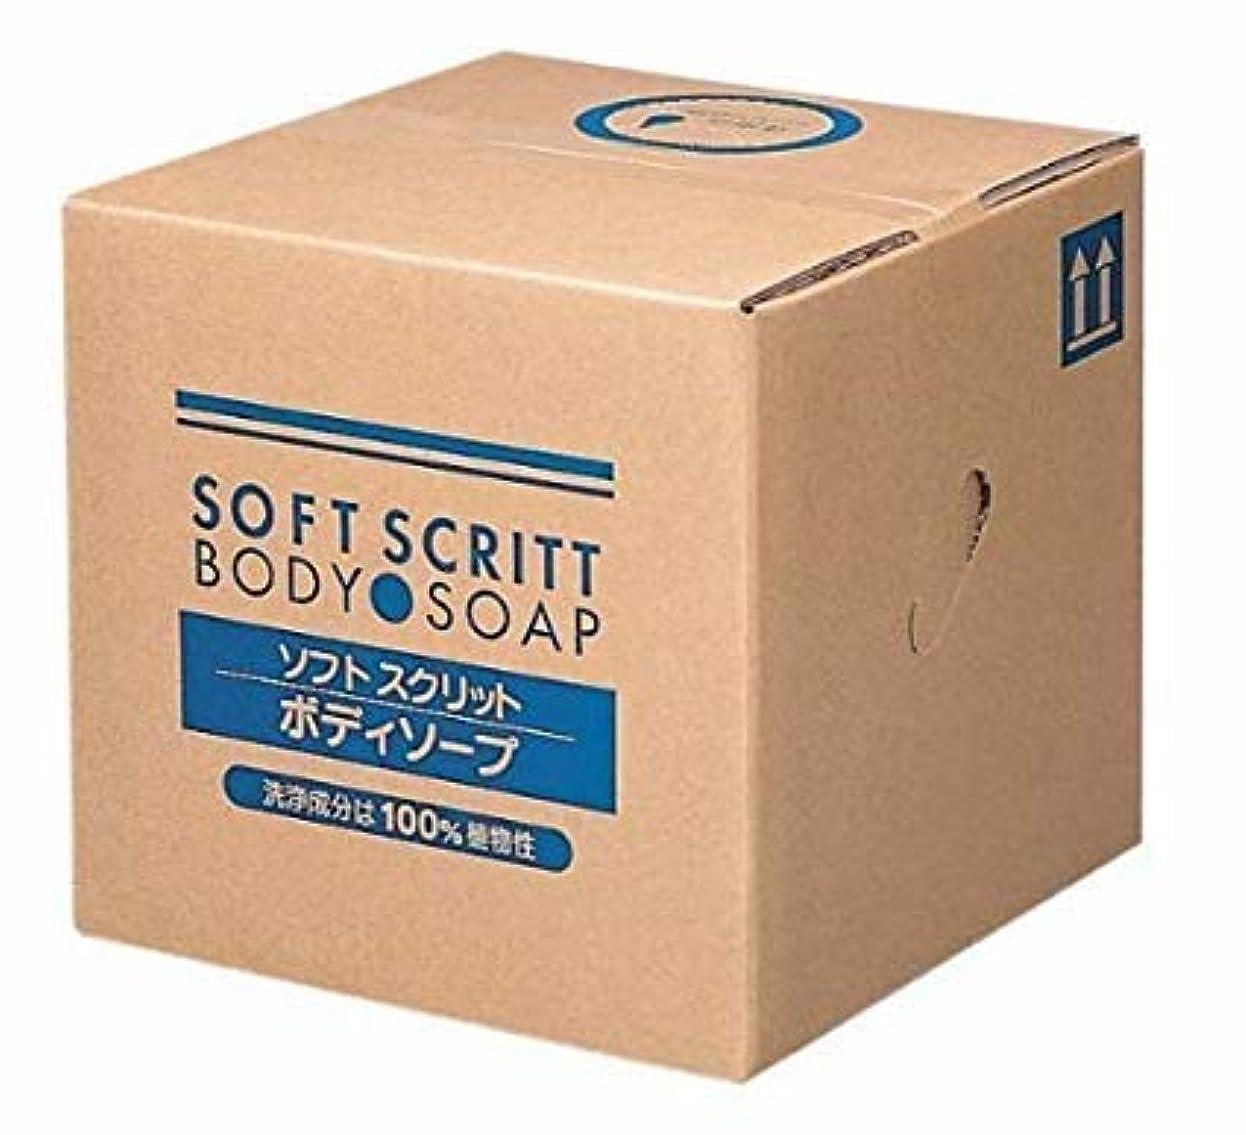 キリン聡明サンダルSOFT SCRITT(ソフトスクリット) ボディソープ 詰替用 18L 4353 (熊野油脂) (清拭小物)